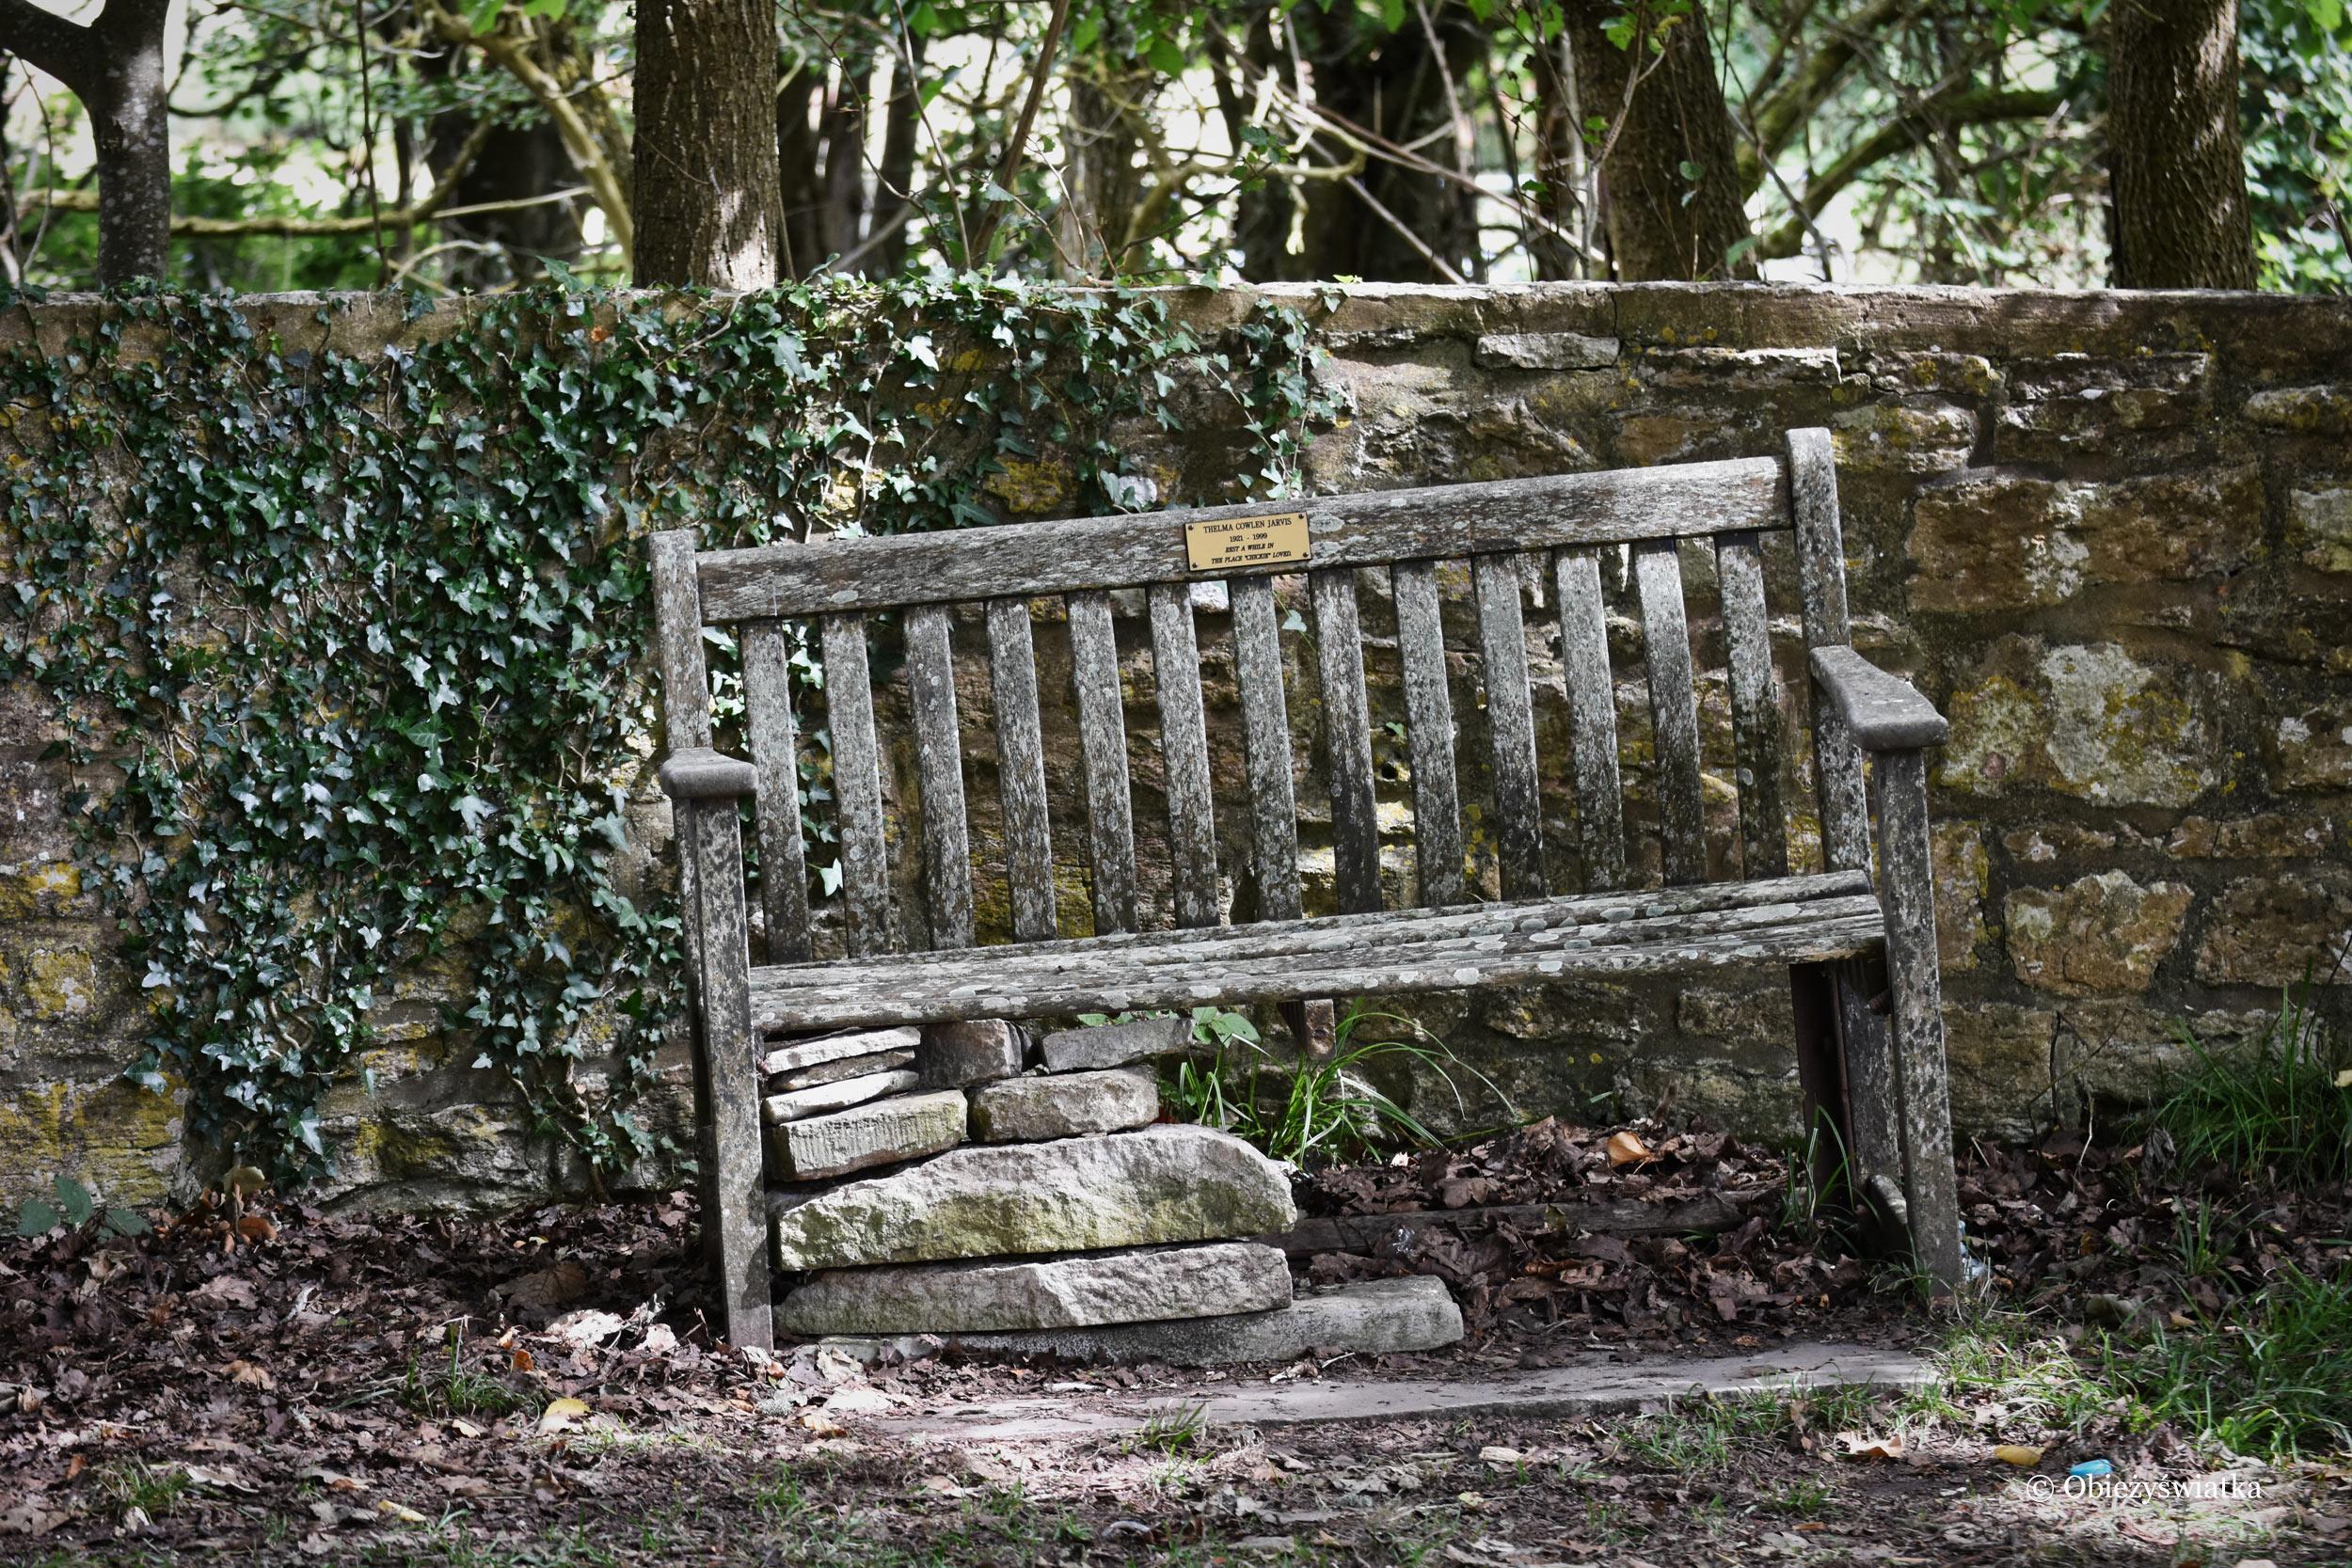 Kulawa ławka w opuszczonej wiosce Tyneham, UK